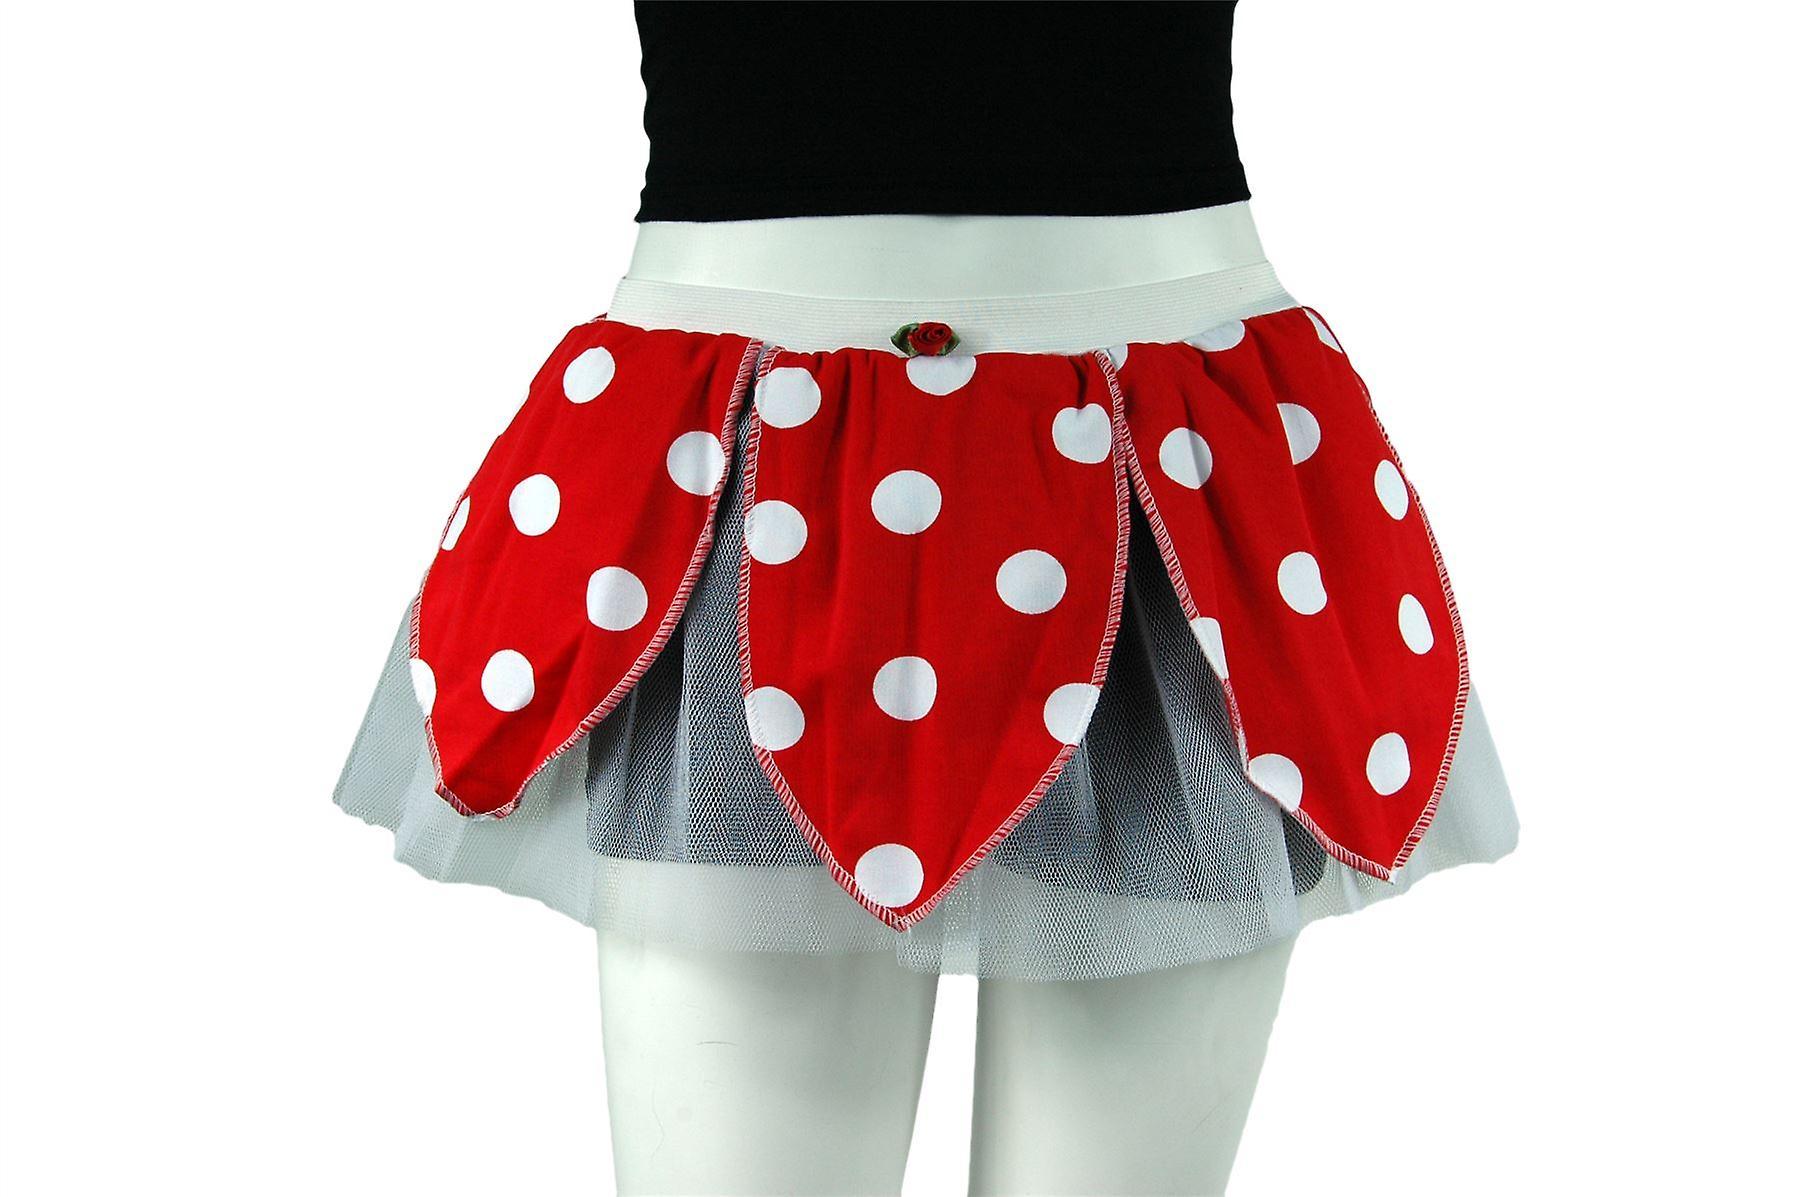 Insanity Red & White Minnie Polka Dot Tutu Skirt